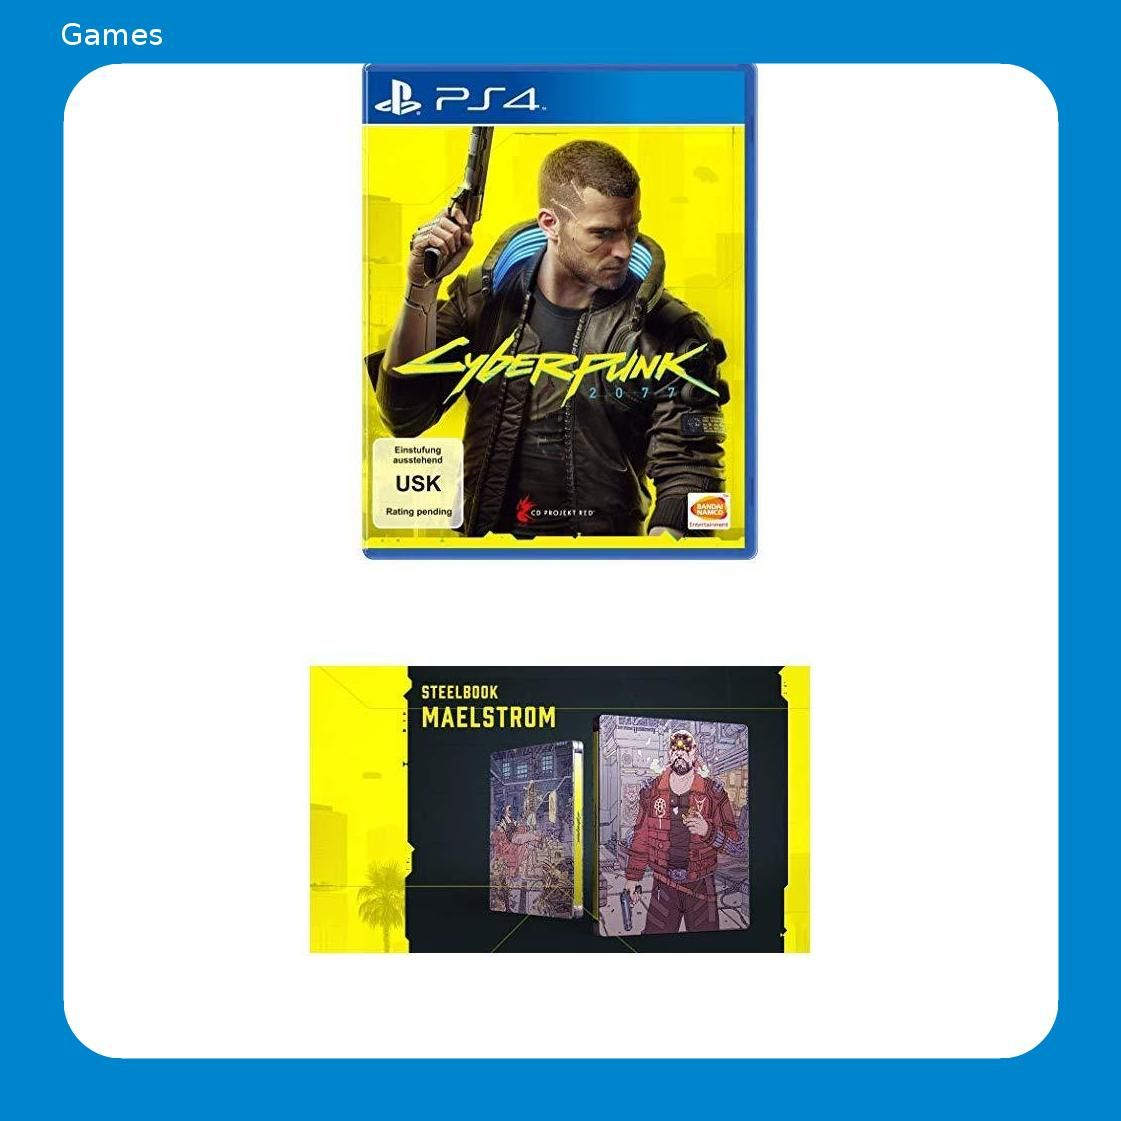 Cyberpunk 2077 Day 1 Edition Playstation 4 Cyberpunk 2077 Steelbook Maelstrom Cyberpunk 2077 Cyberpunk Playstation